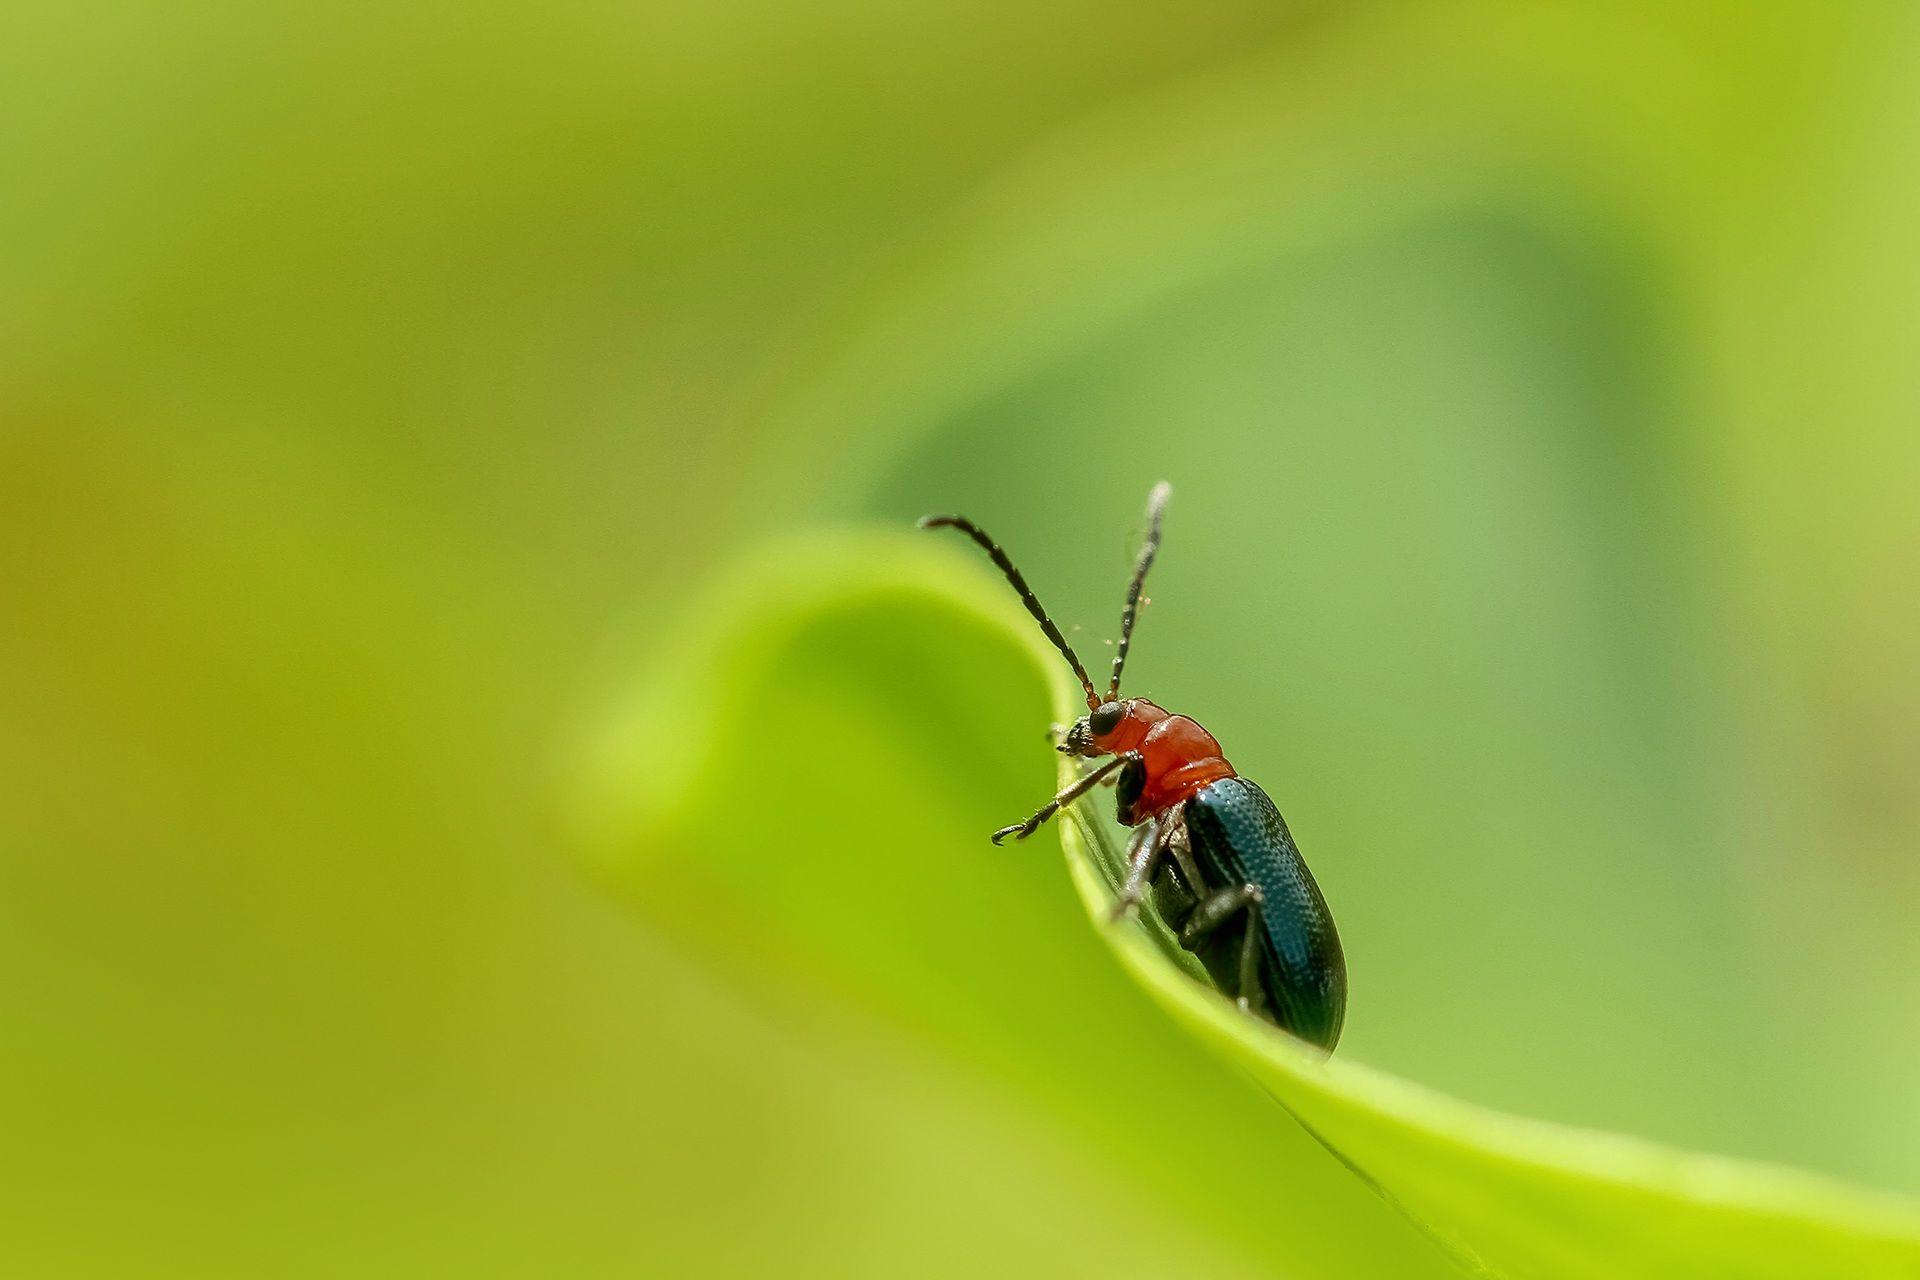 Смотреть лучшее фото маленького жучка на листочке